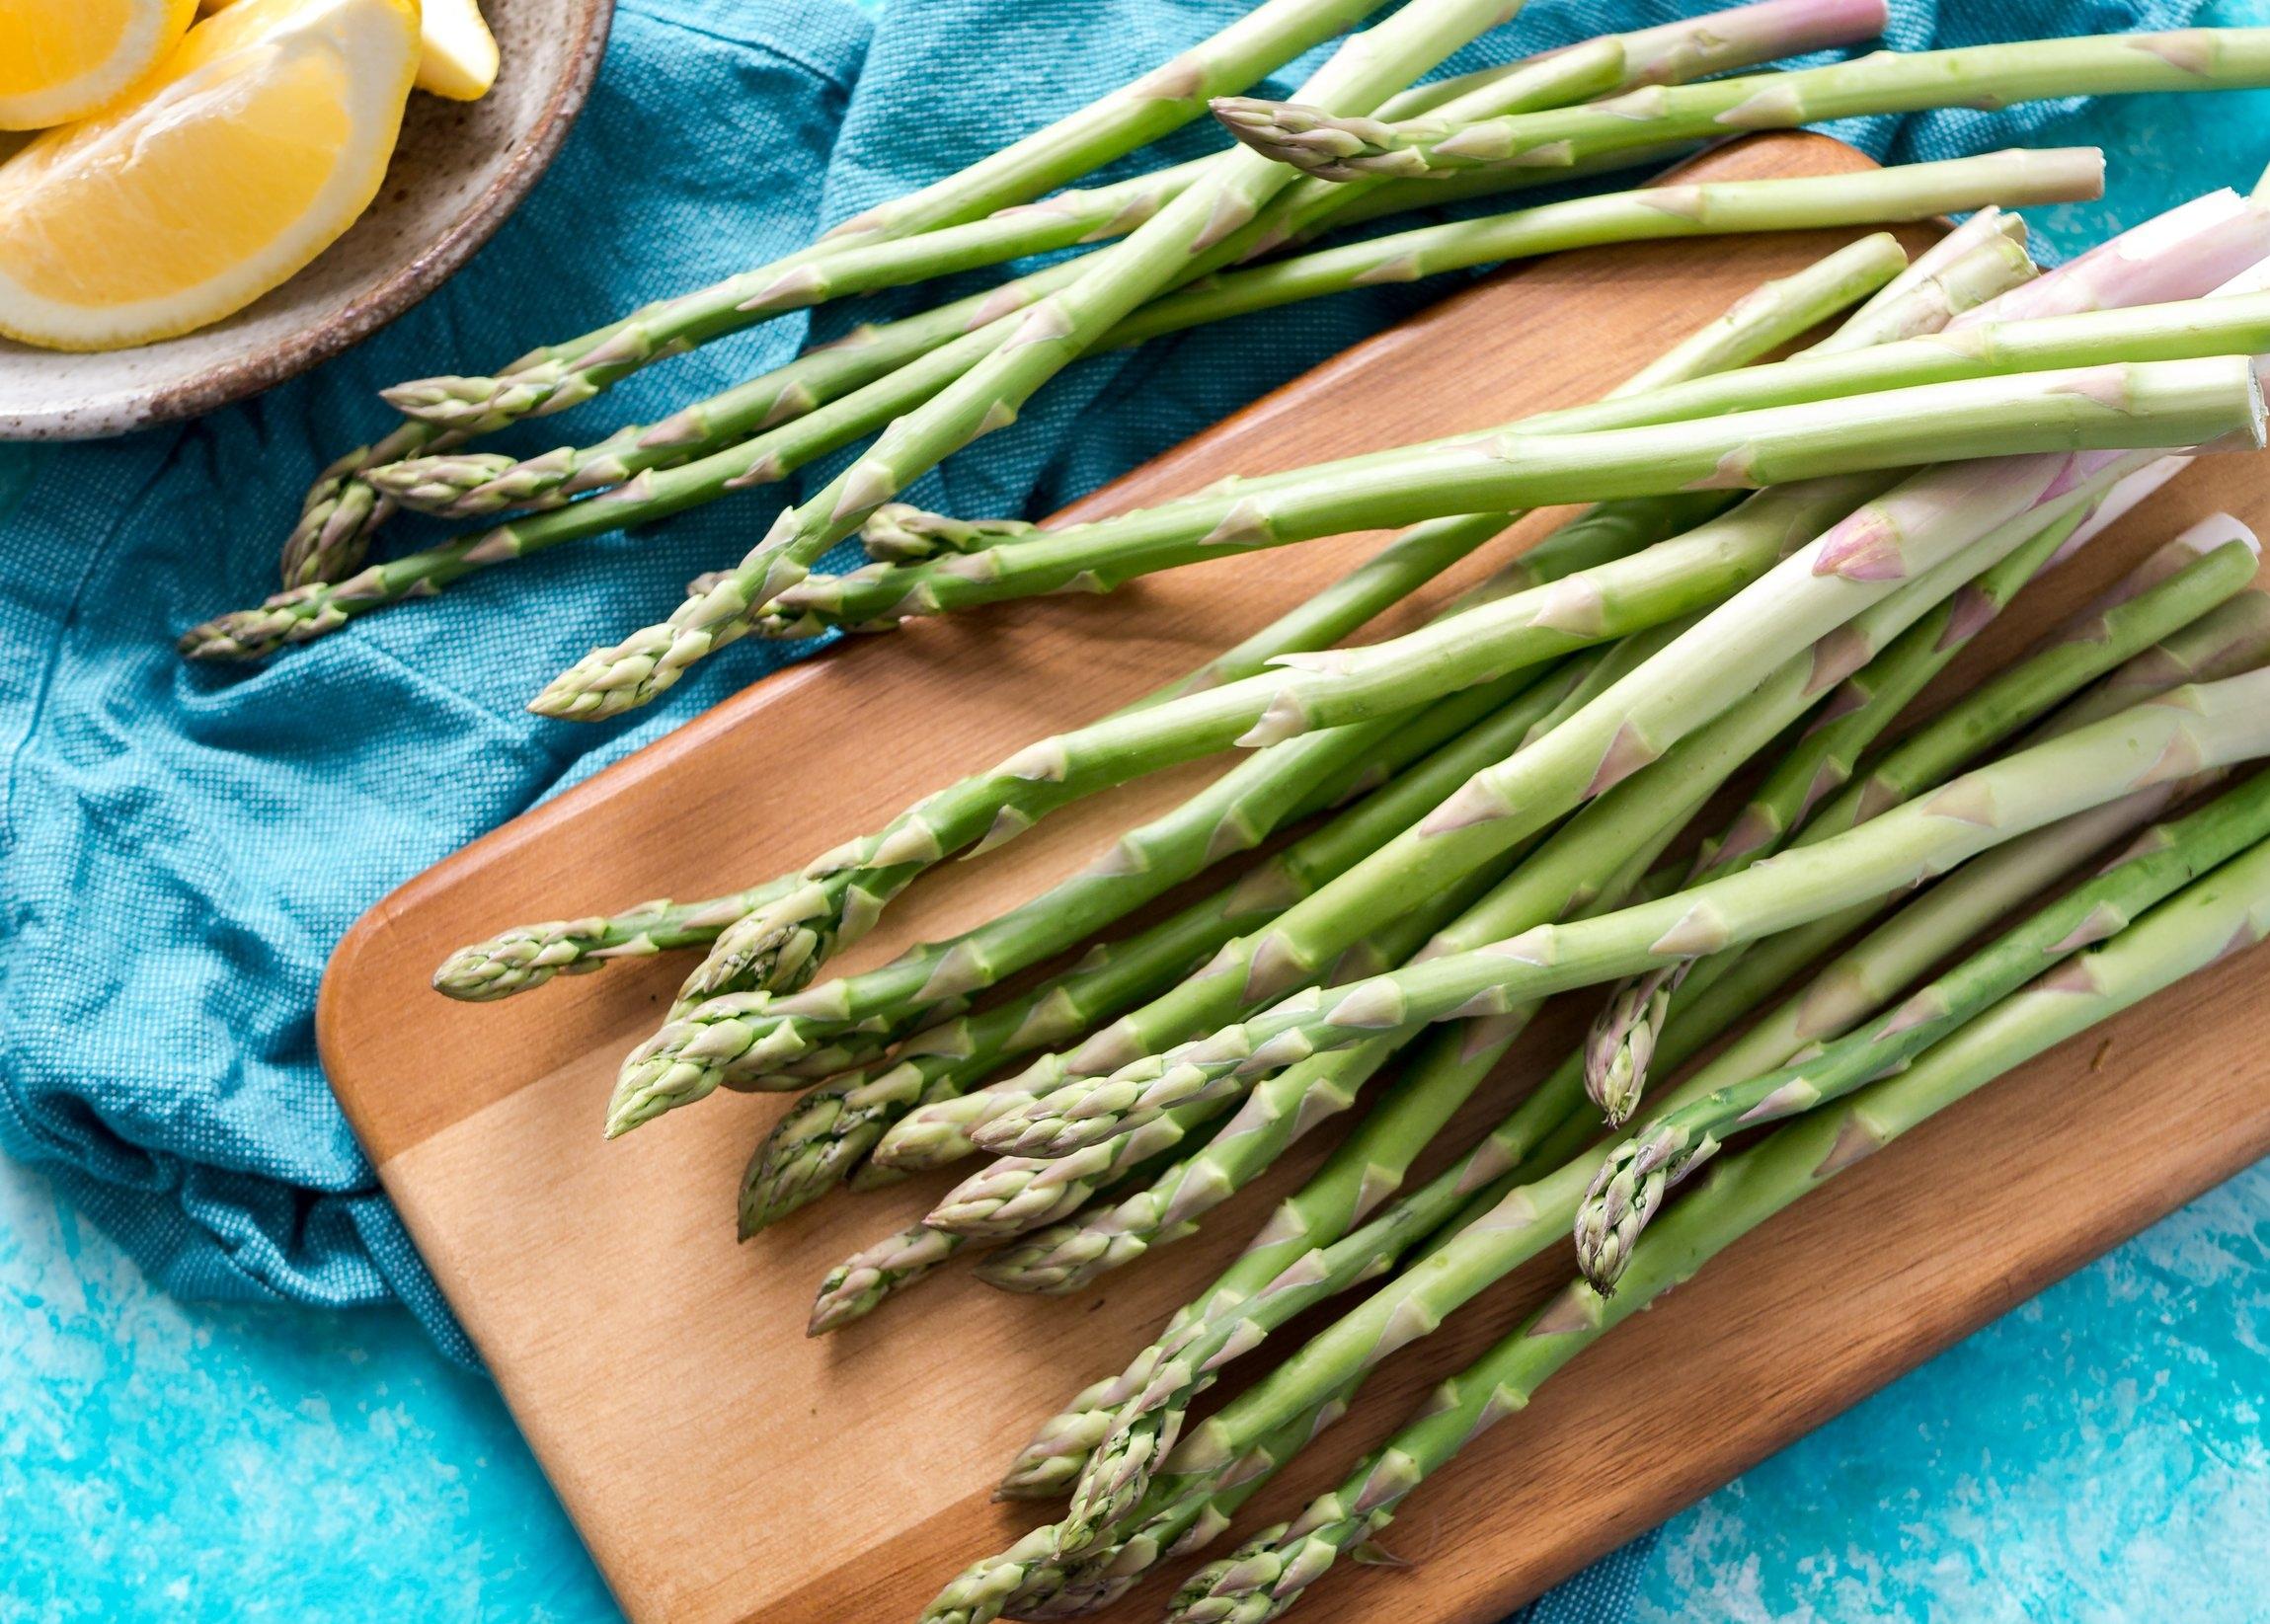 Asparagus_christine-siracusa-574215-unsplash.jpg